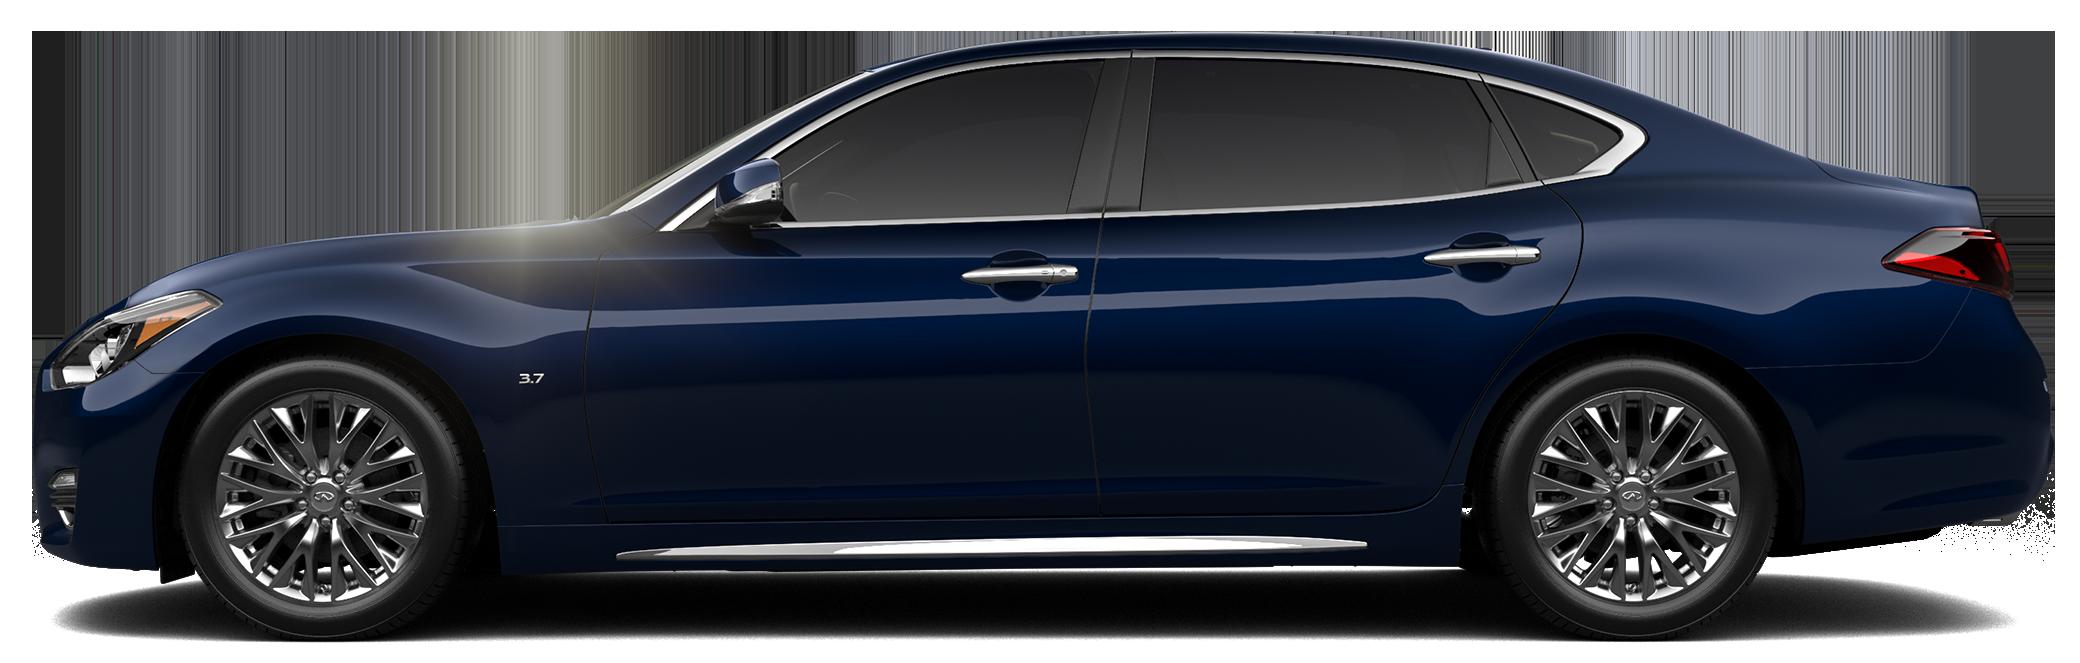 2019 INFINITI Q70L Sedan 3.7X LUXE